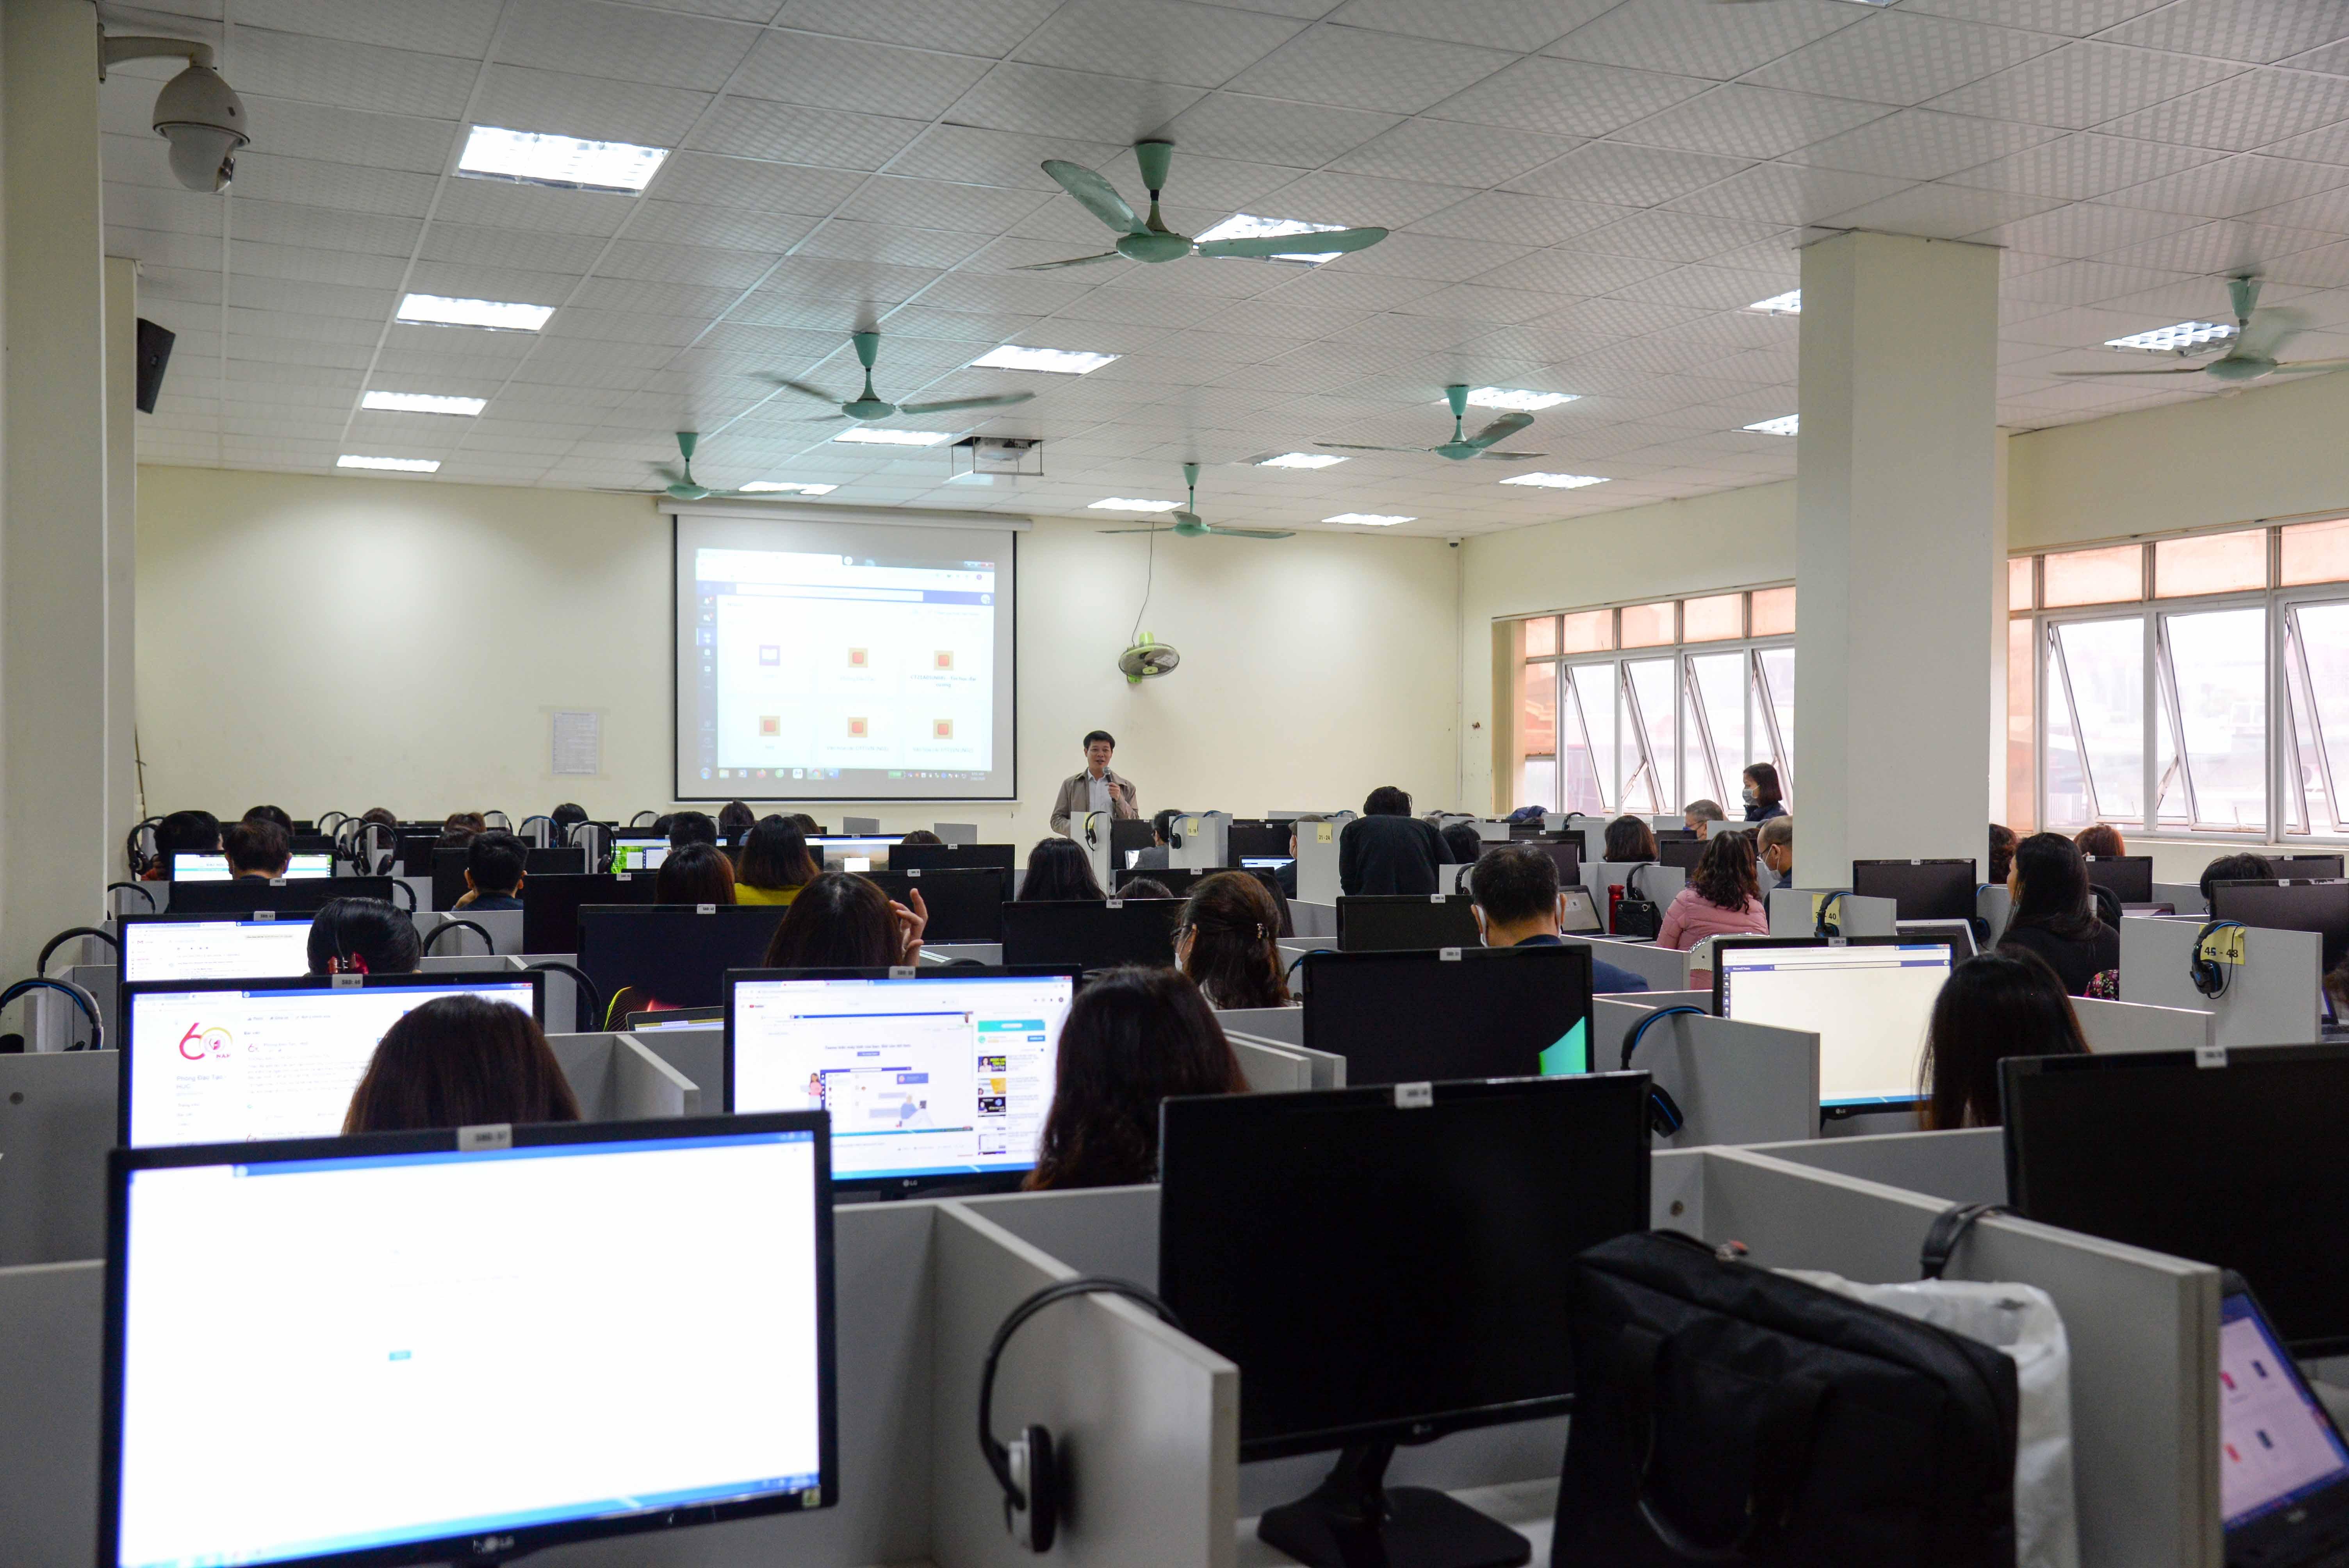 Trường Đại học Văn hóa Hà Nội tổ chức tập huấn giảng dạy trực tuyến